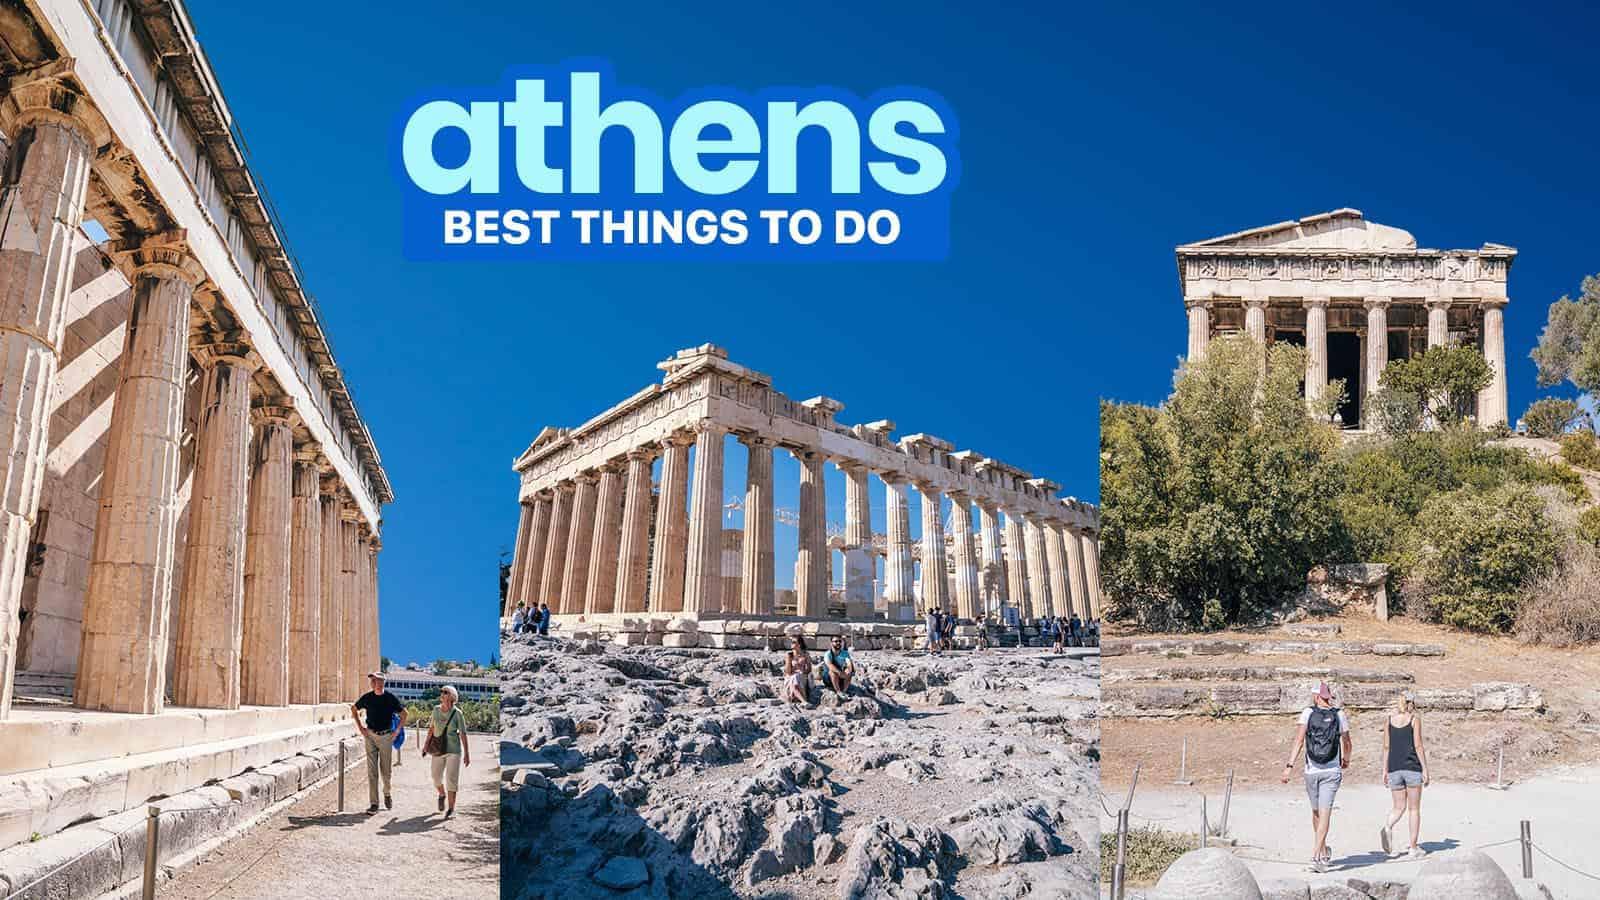 15个在雅典最值得做的事情   穷游者的行程博客